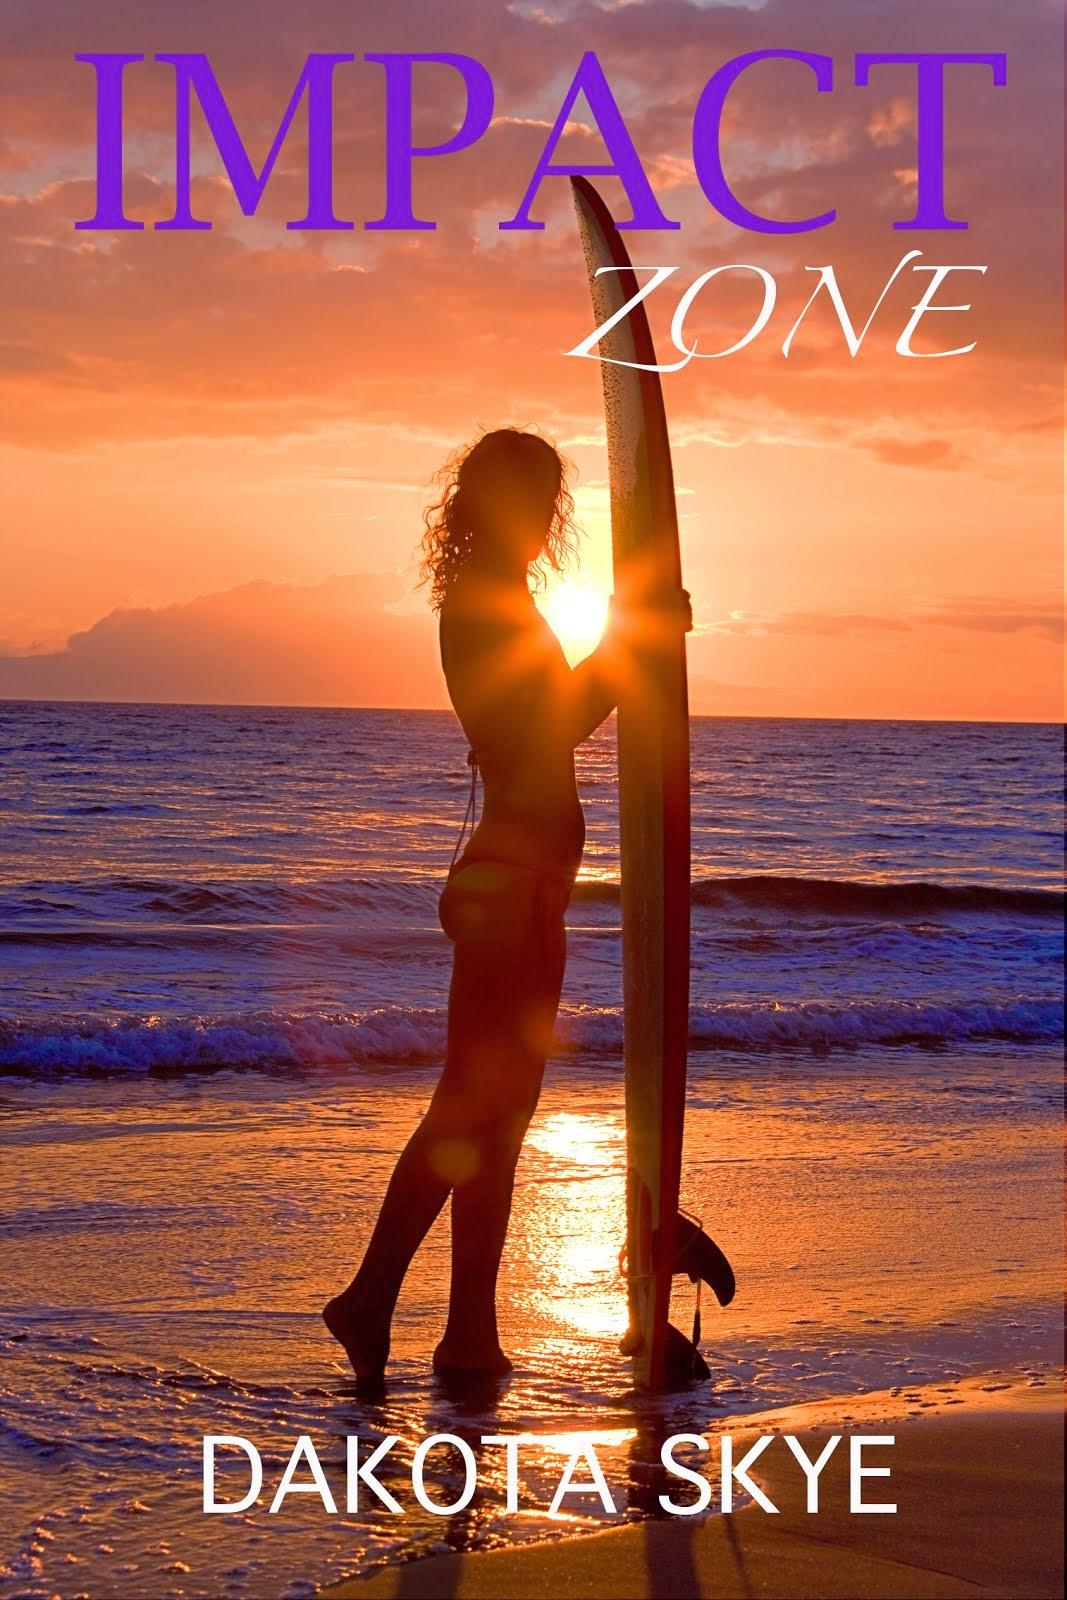 Mermen+Surfers=Impact Zone